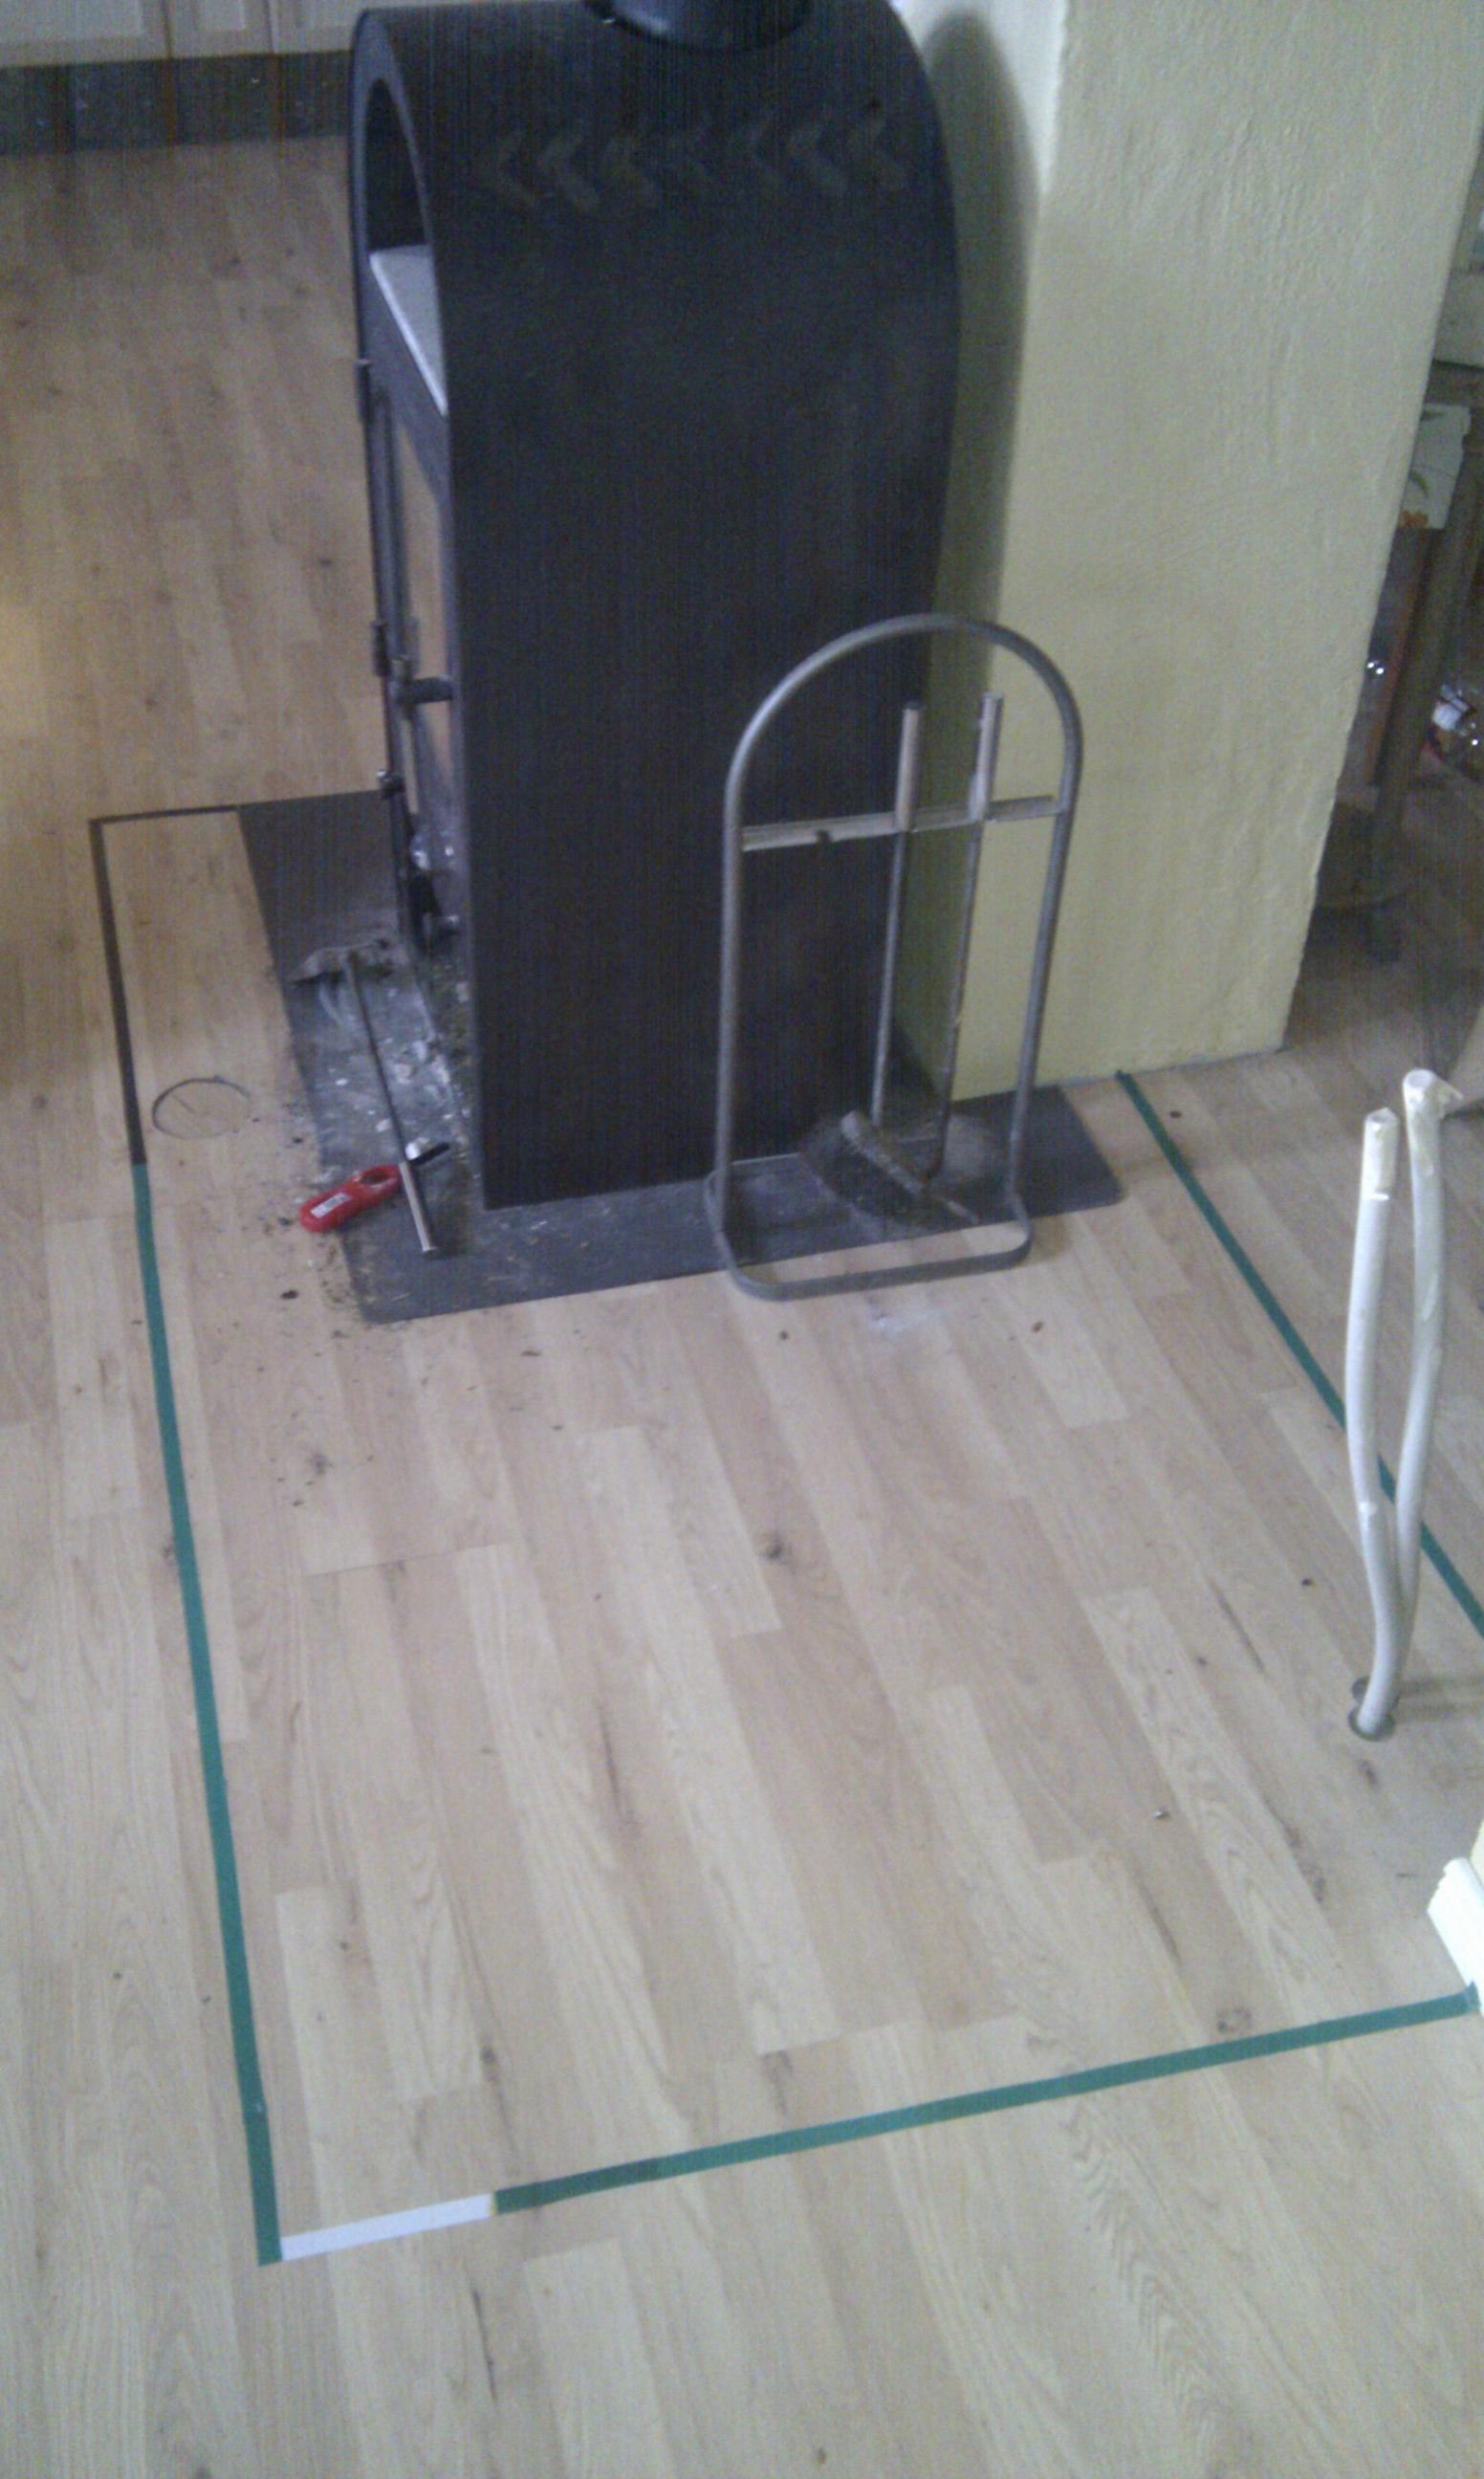 Markering på gulvet hvor ovnen skal være